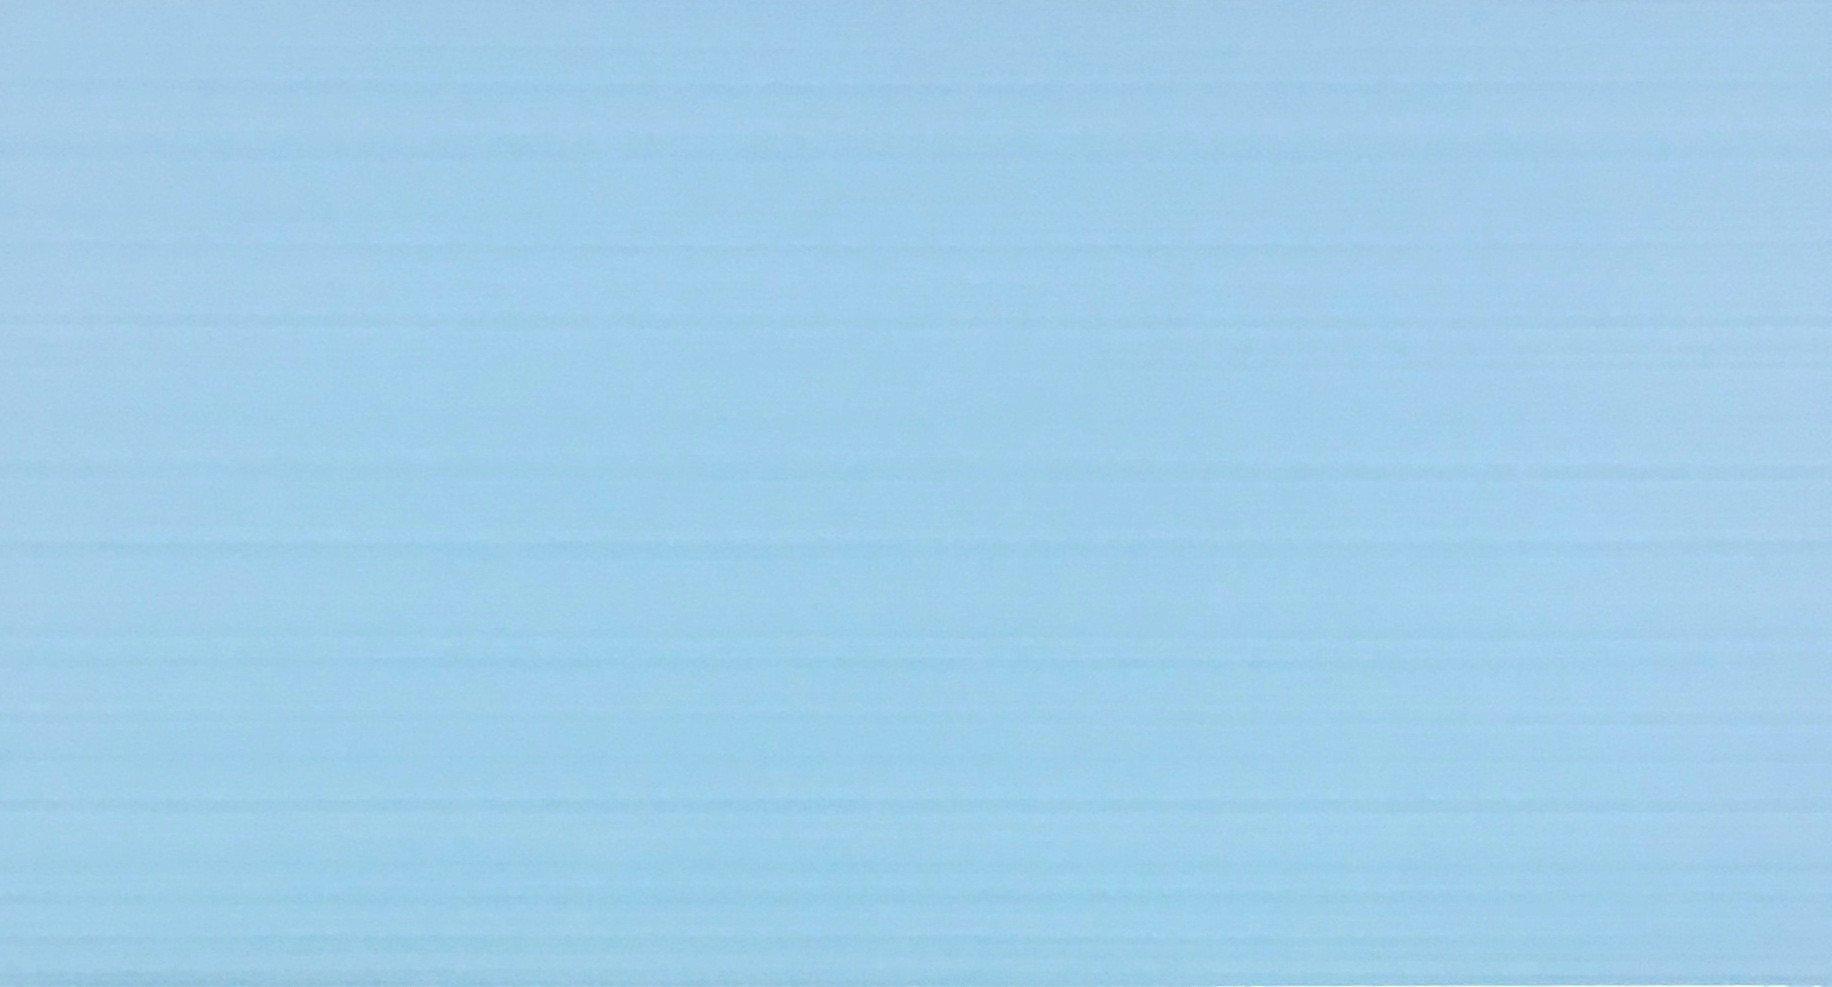 FAP Ceramiche Field Tile 10 x 18 in Blue - 100 SF Lot